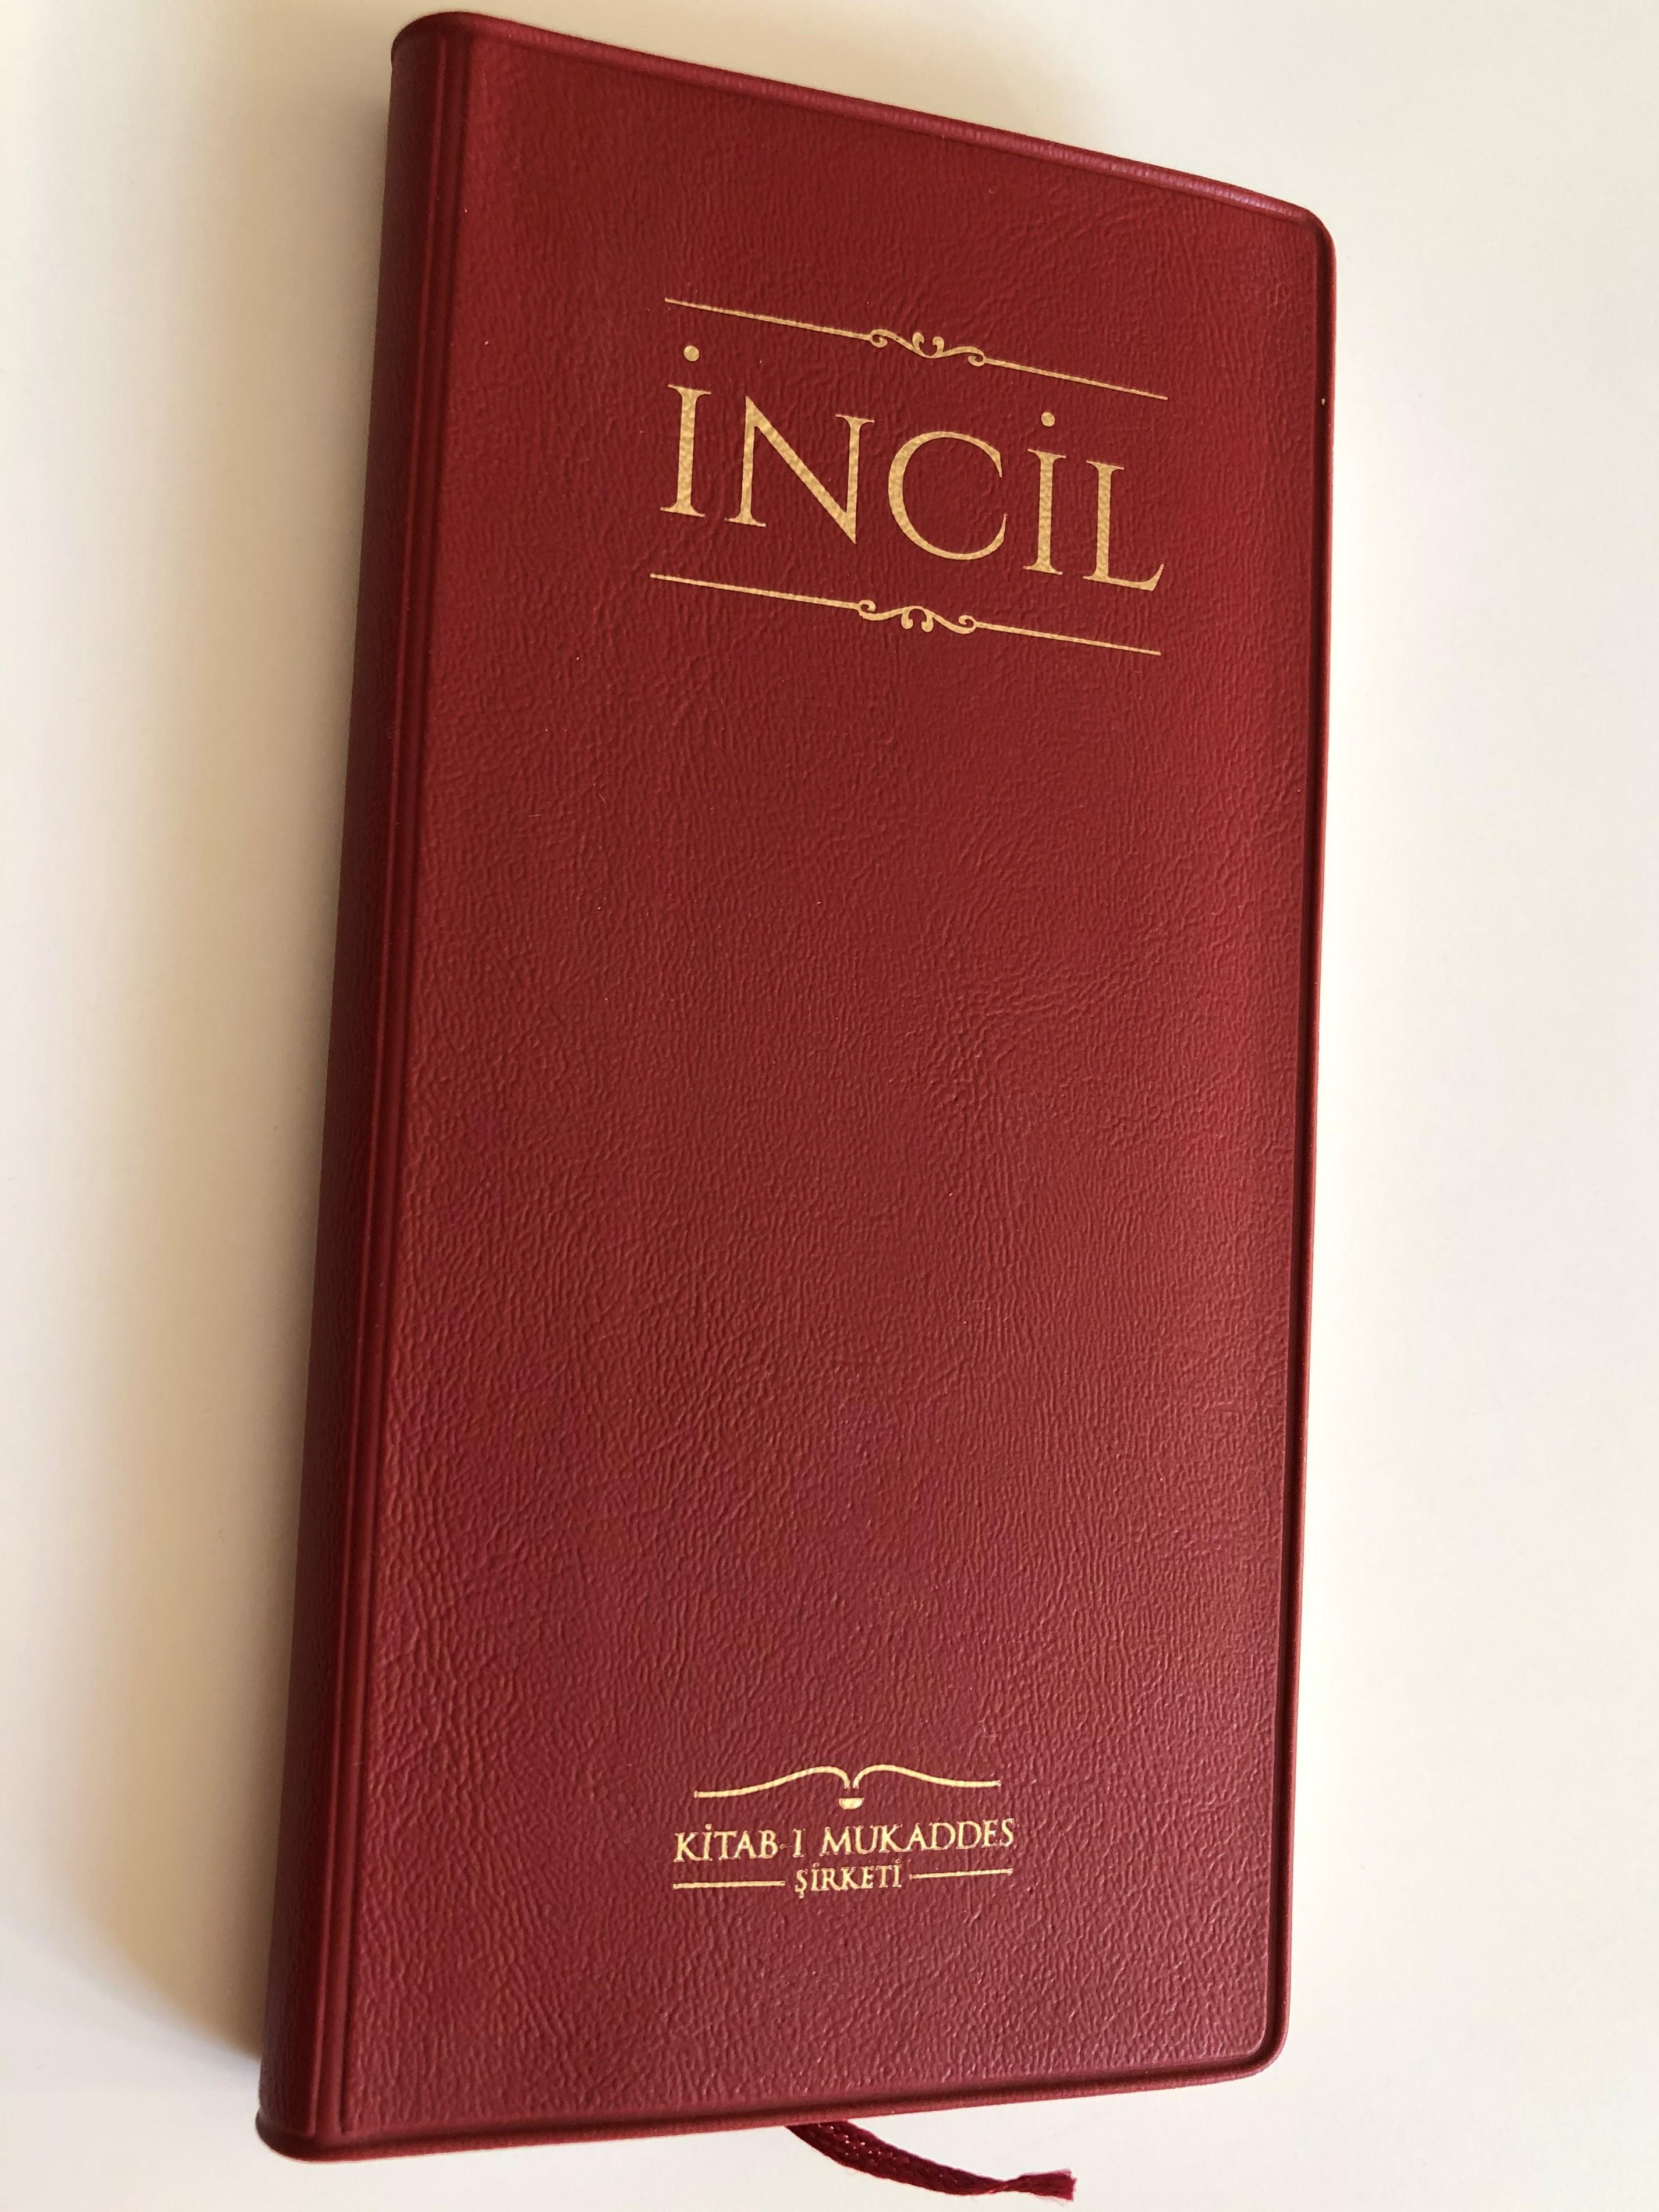 incil-turkish-new-testament-pocket-size-vinyl-bound-red-1-.jpg